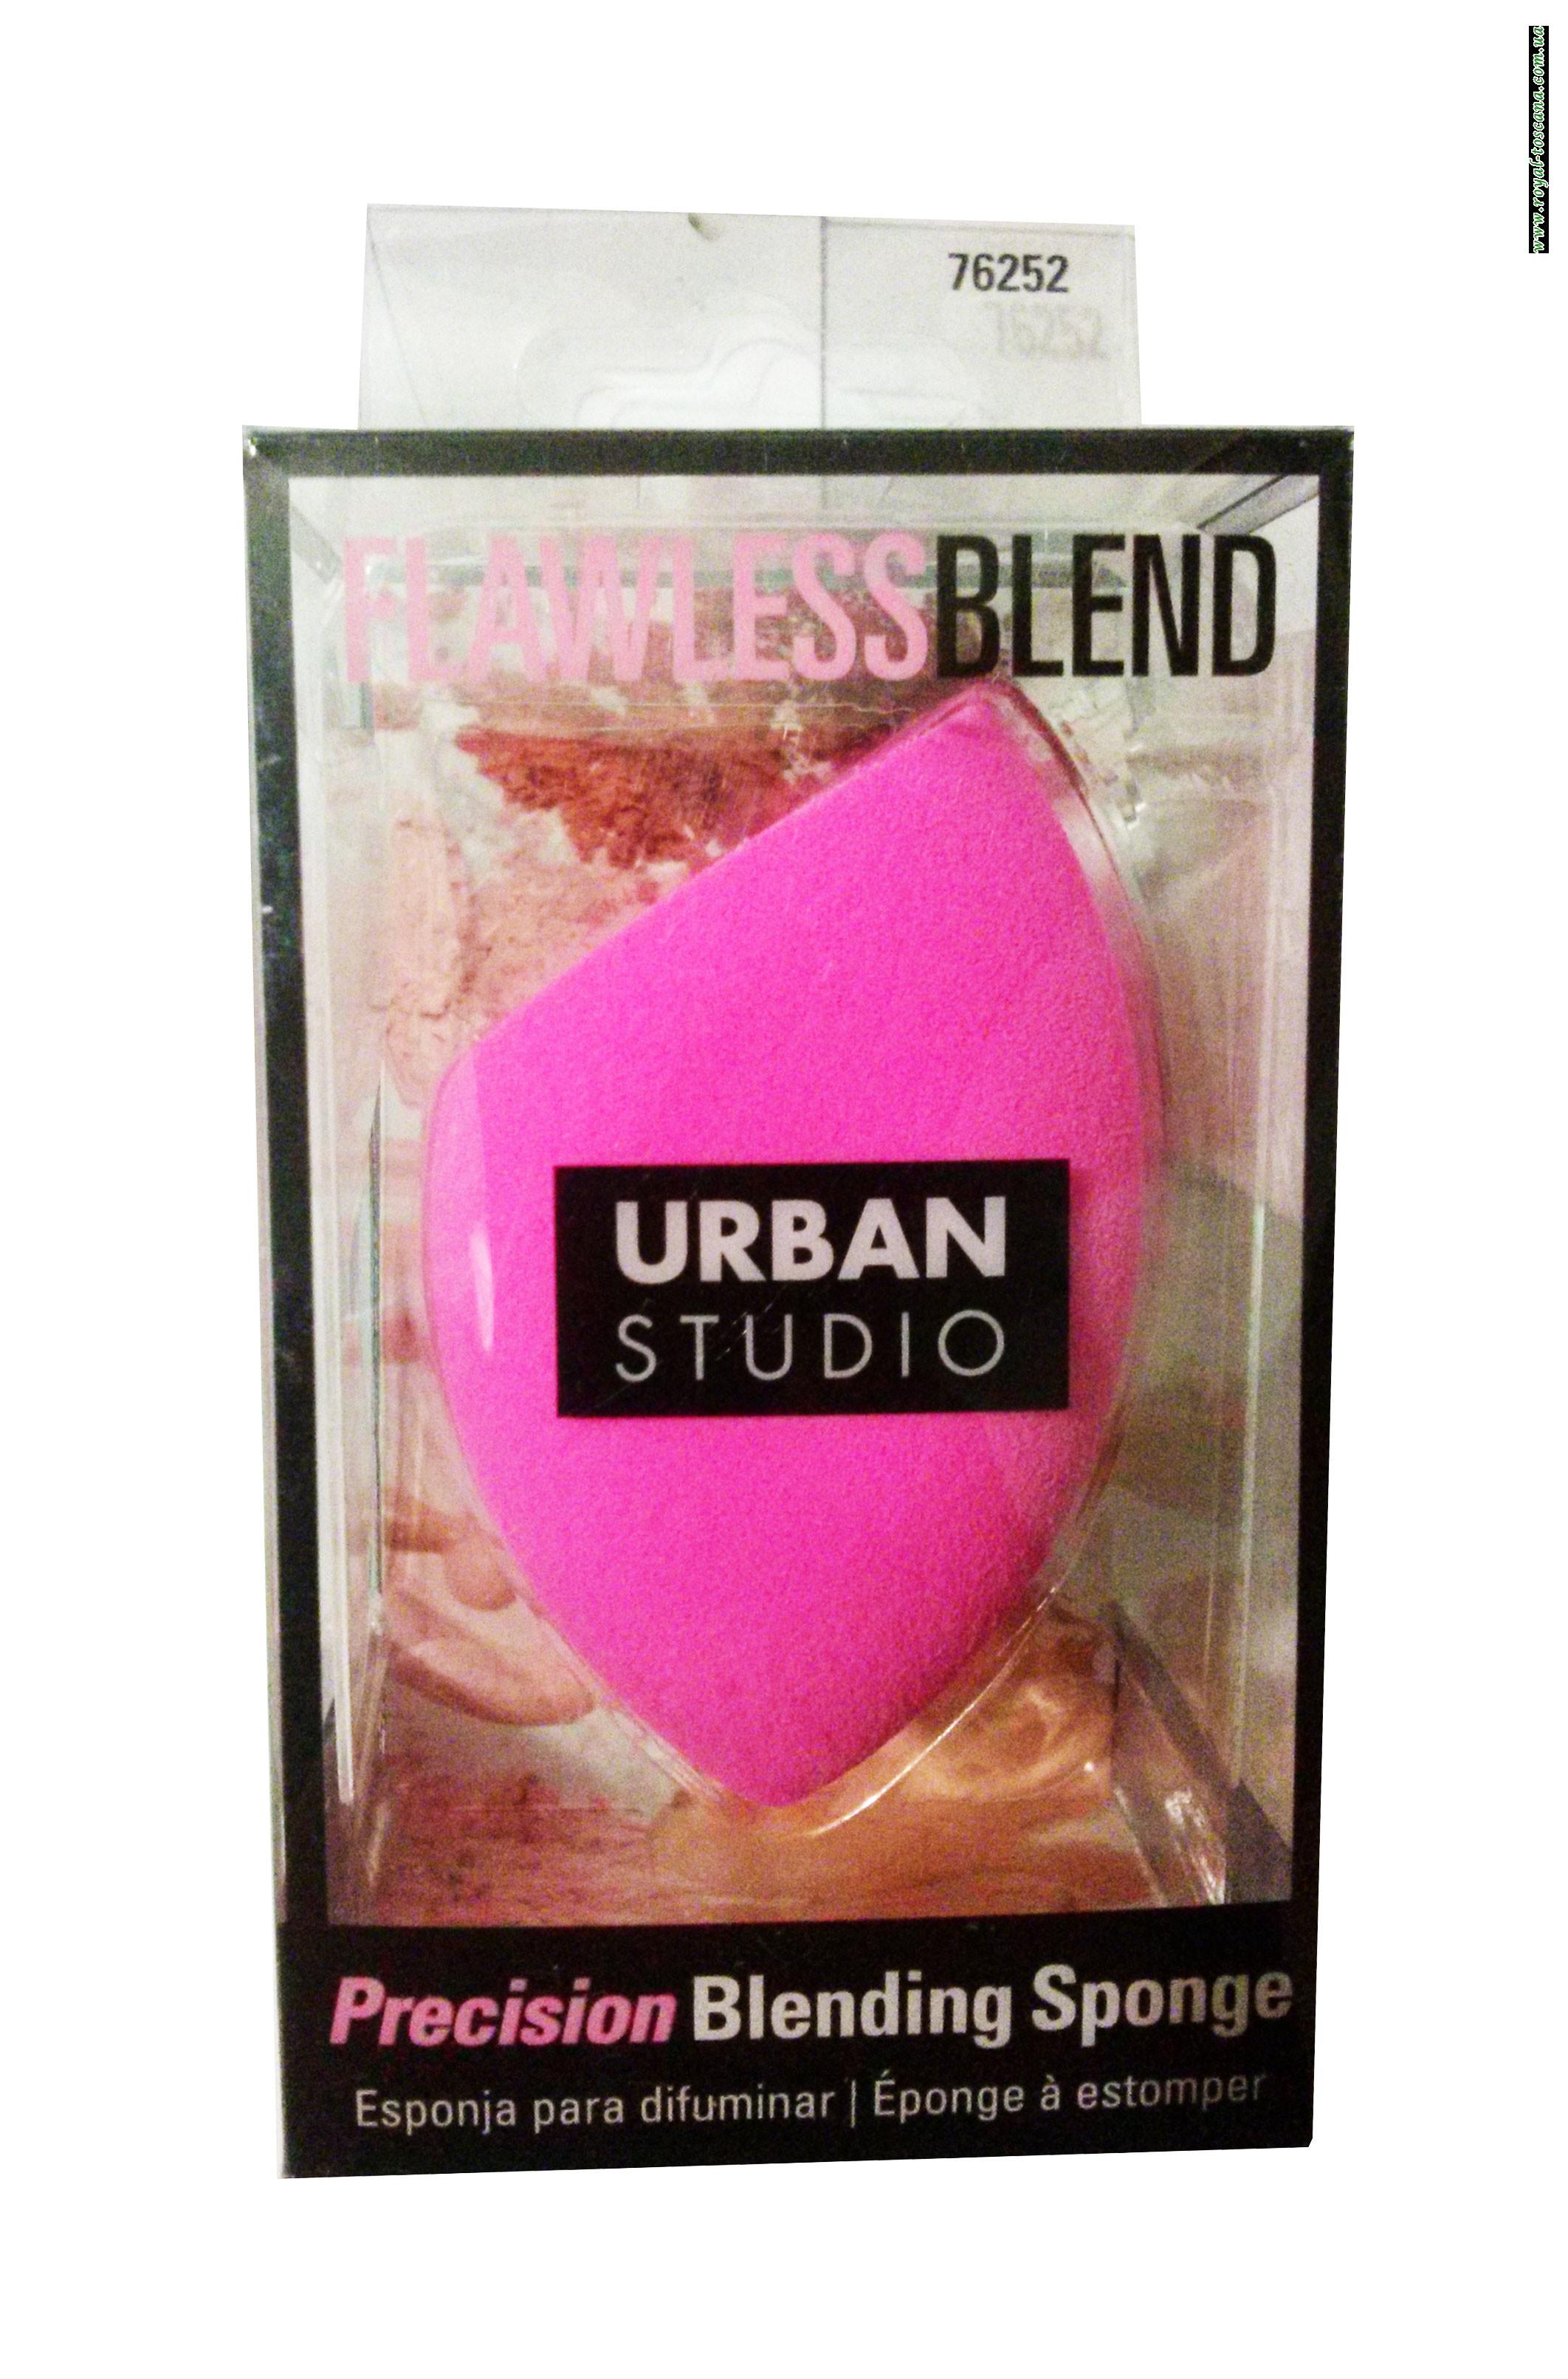 Спонж для точного нанесения Urban Studio Precision Blending Sponge